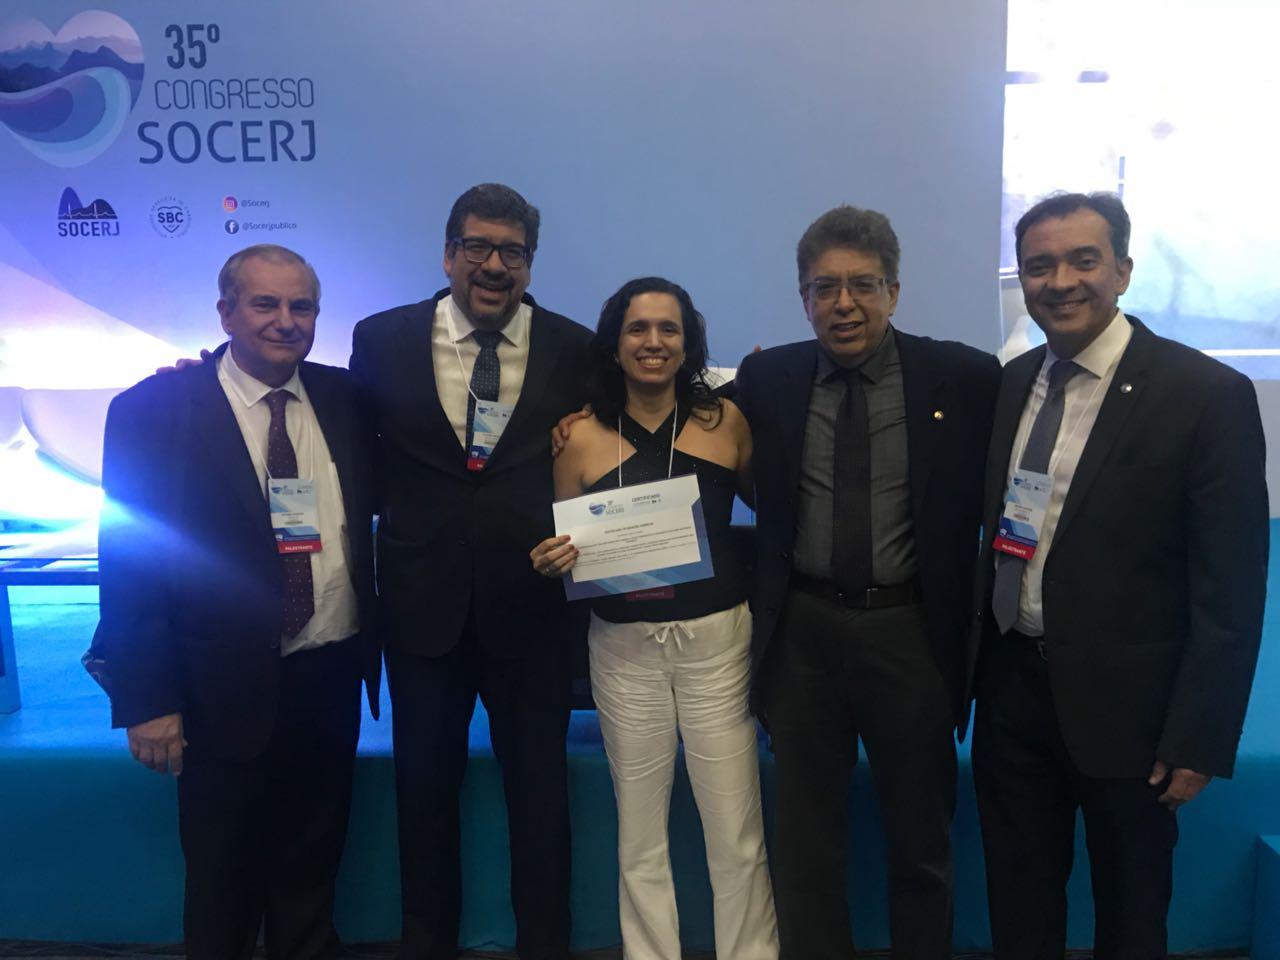 Aluna de doutorado, Renata Félix, recebe prêmio de melhor trabalho no 35o Congresso SOCERJ